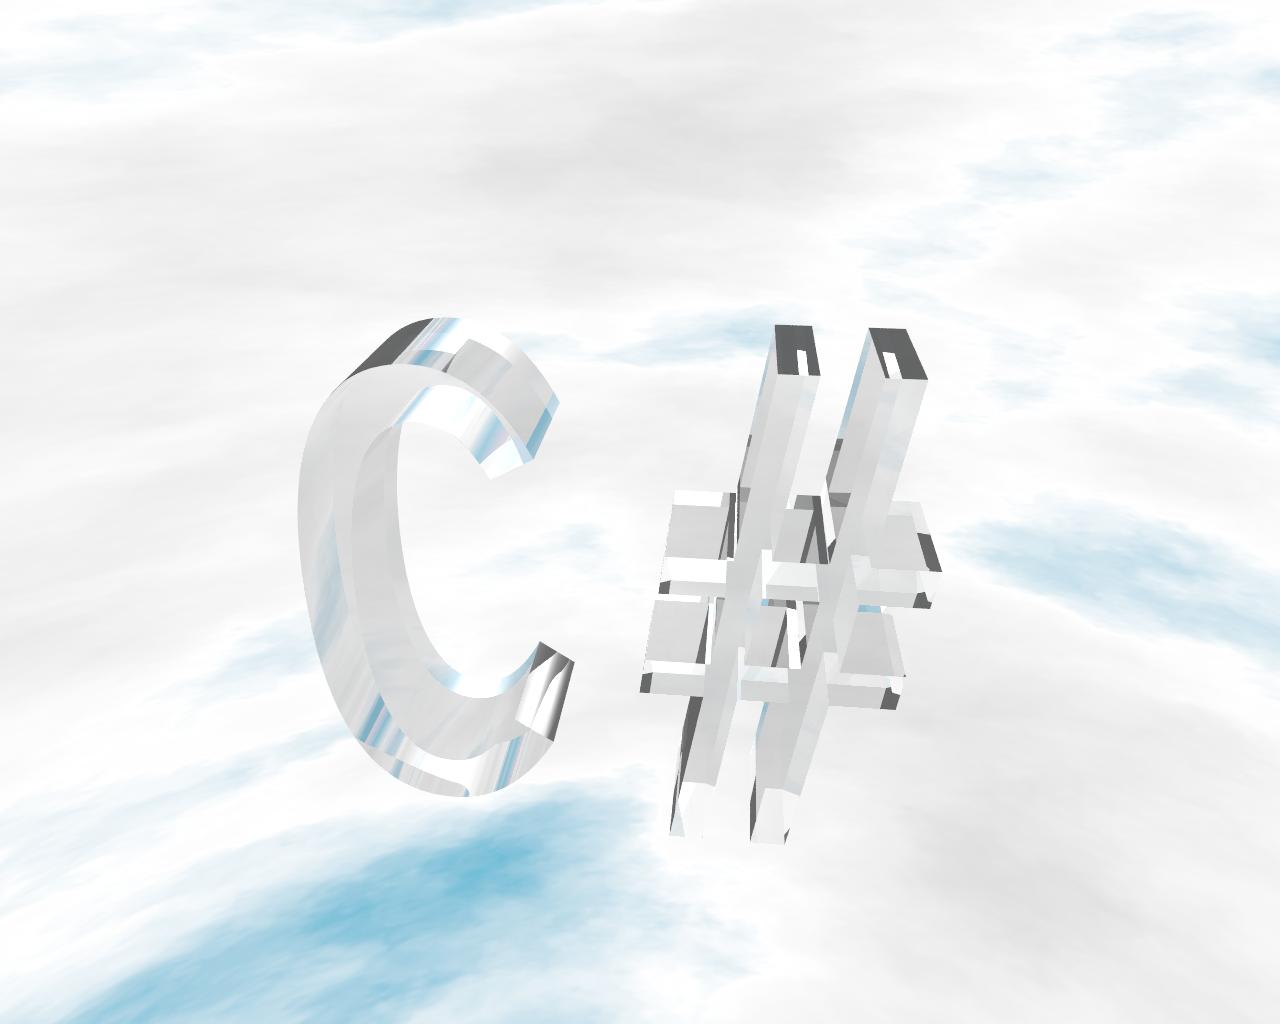 宣言 c# 変数